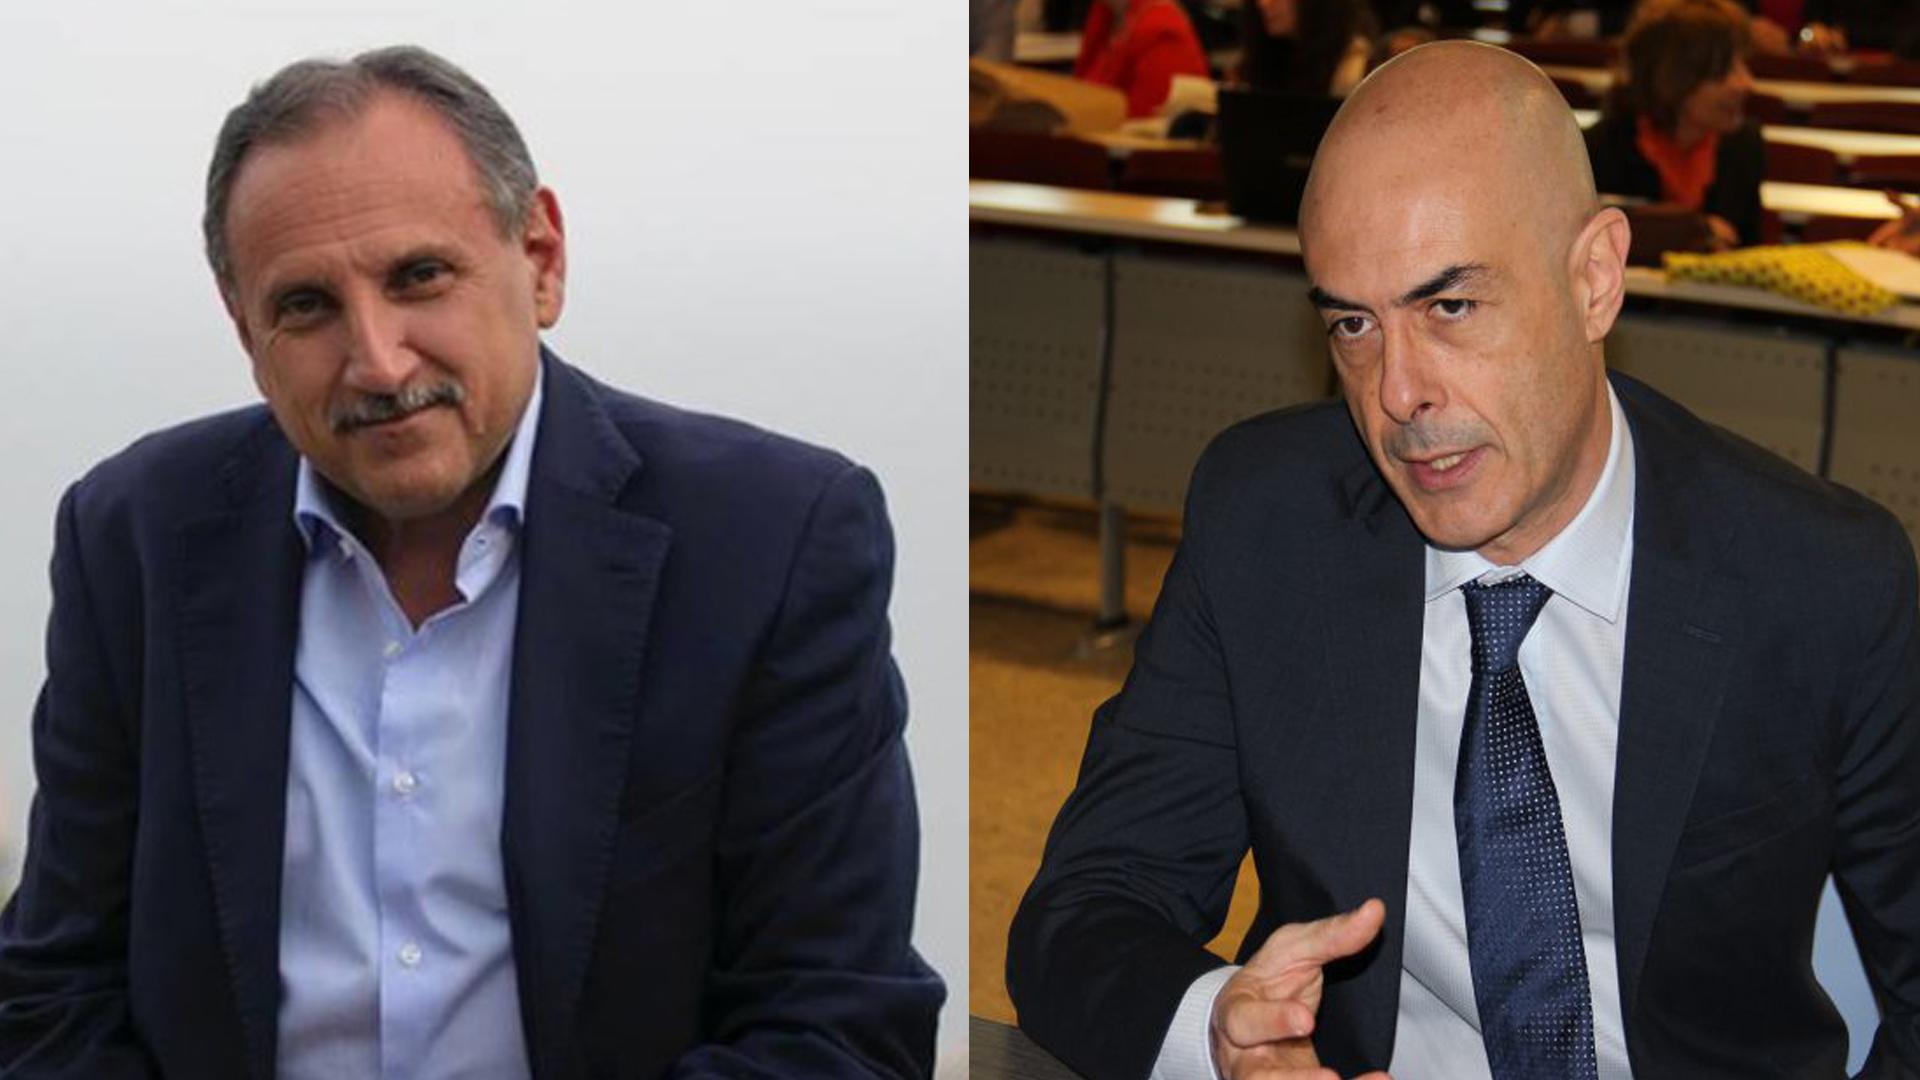 Buon Lavoro ai nuovi sindaci dell' isola di Capri: Marino Lembo ed Alessandro Scoppa